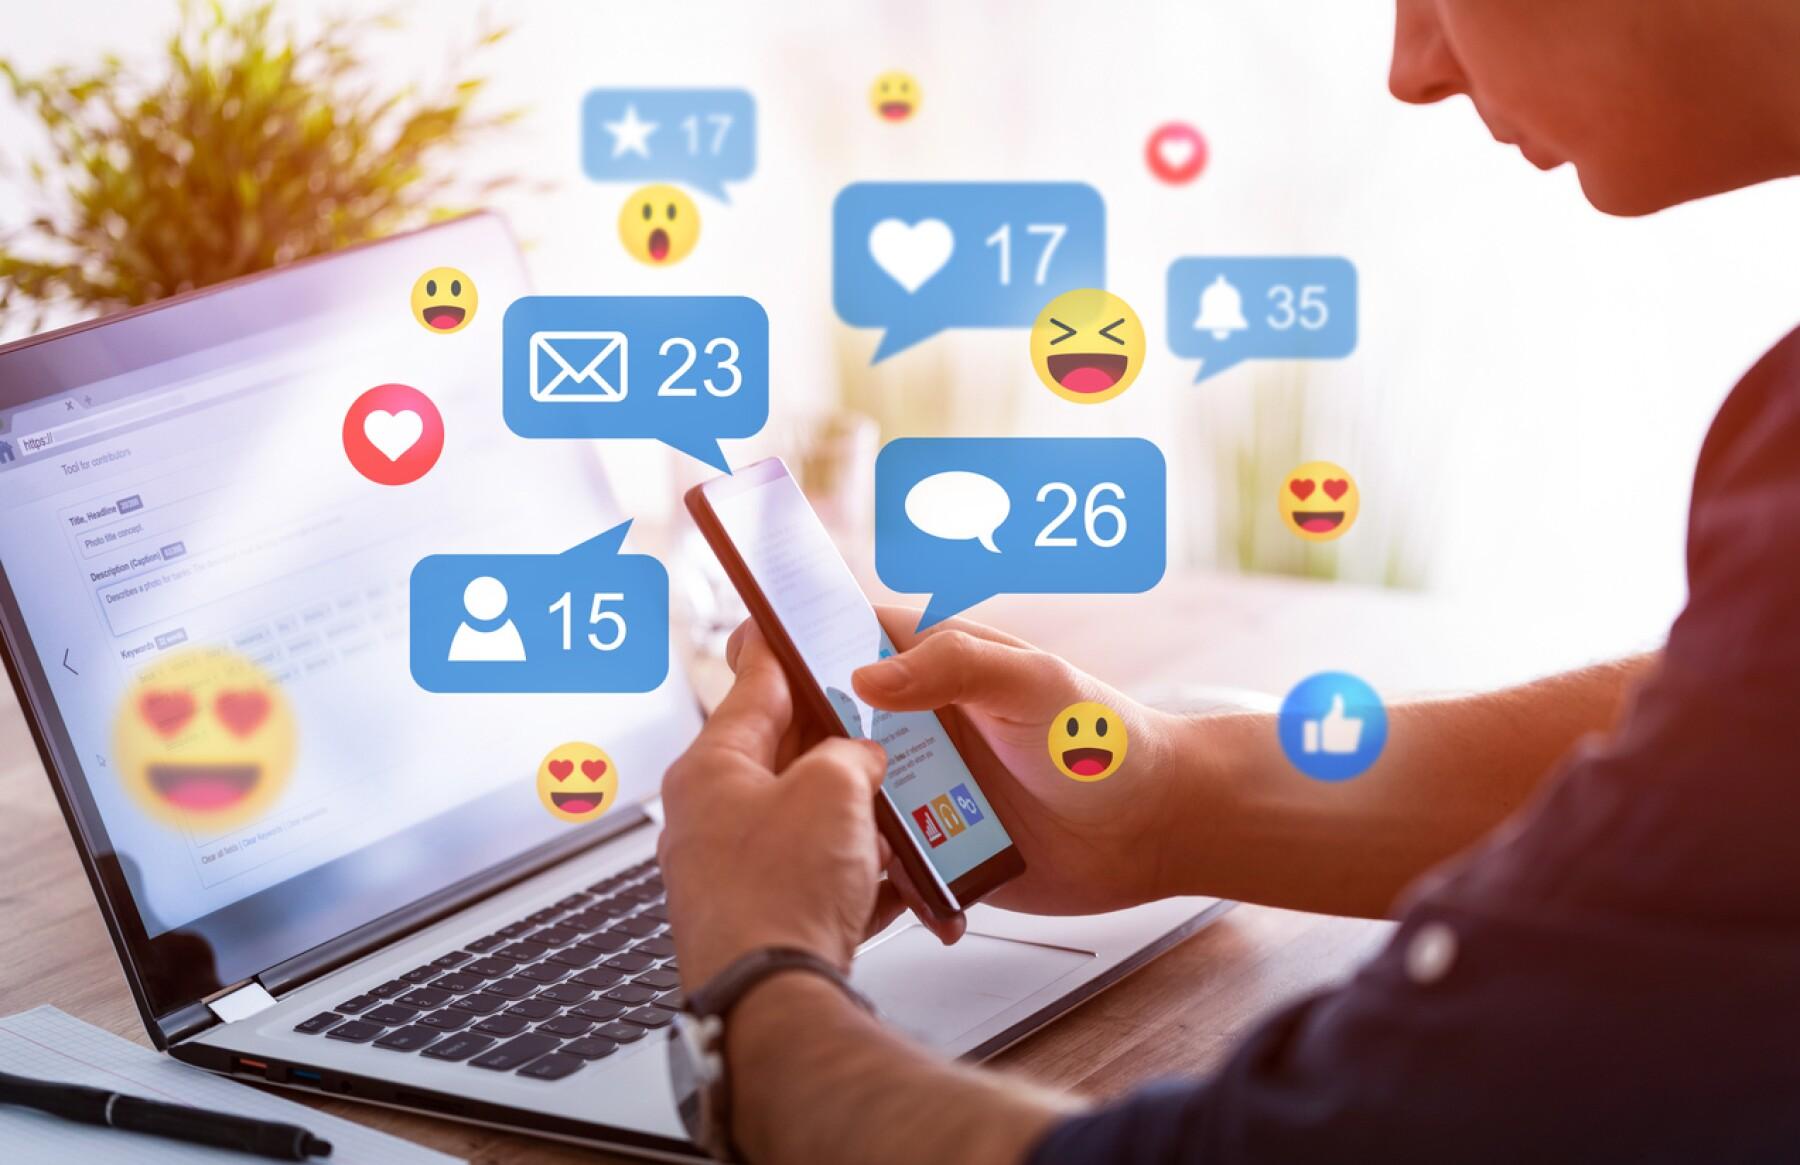 Cómo aprovechar las redes sociales para mejorar tus posibilidades laborales?